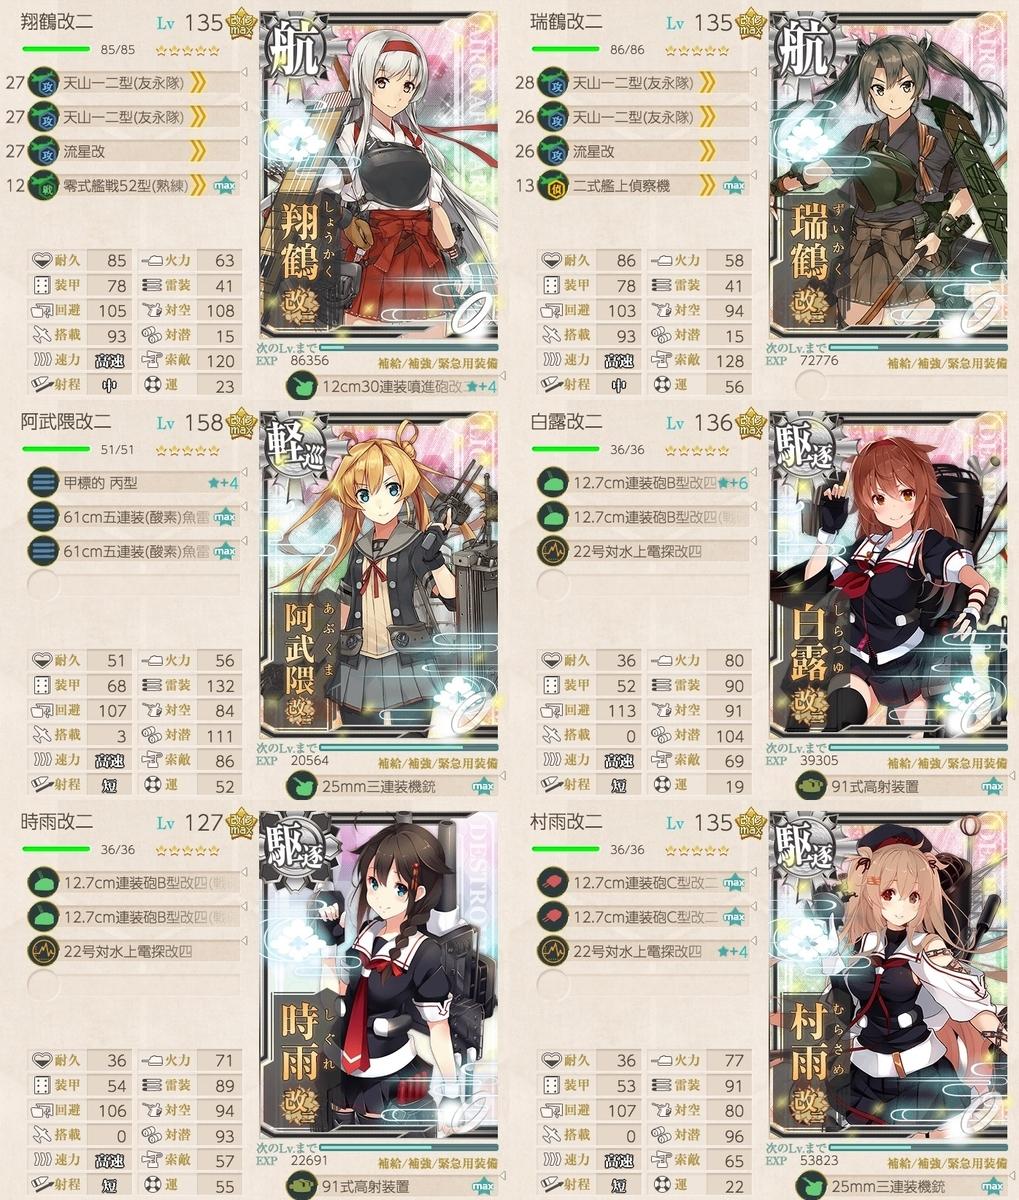 f:id:nameless_admiral:20201019020118j:plain